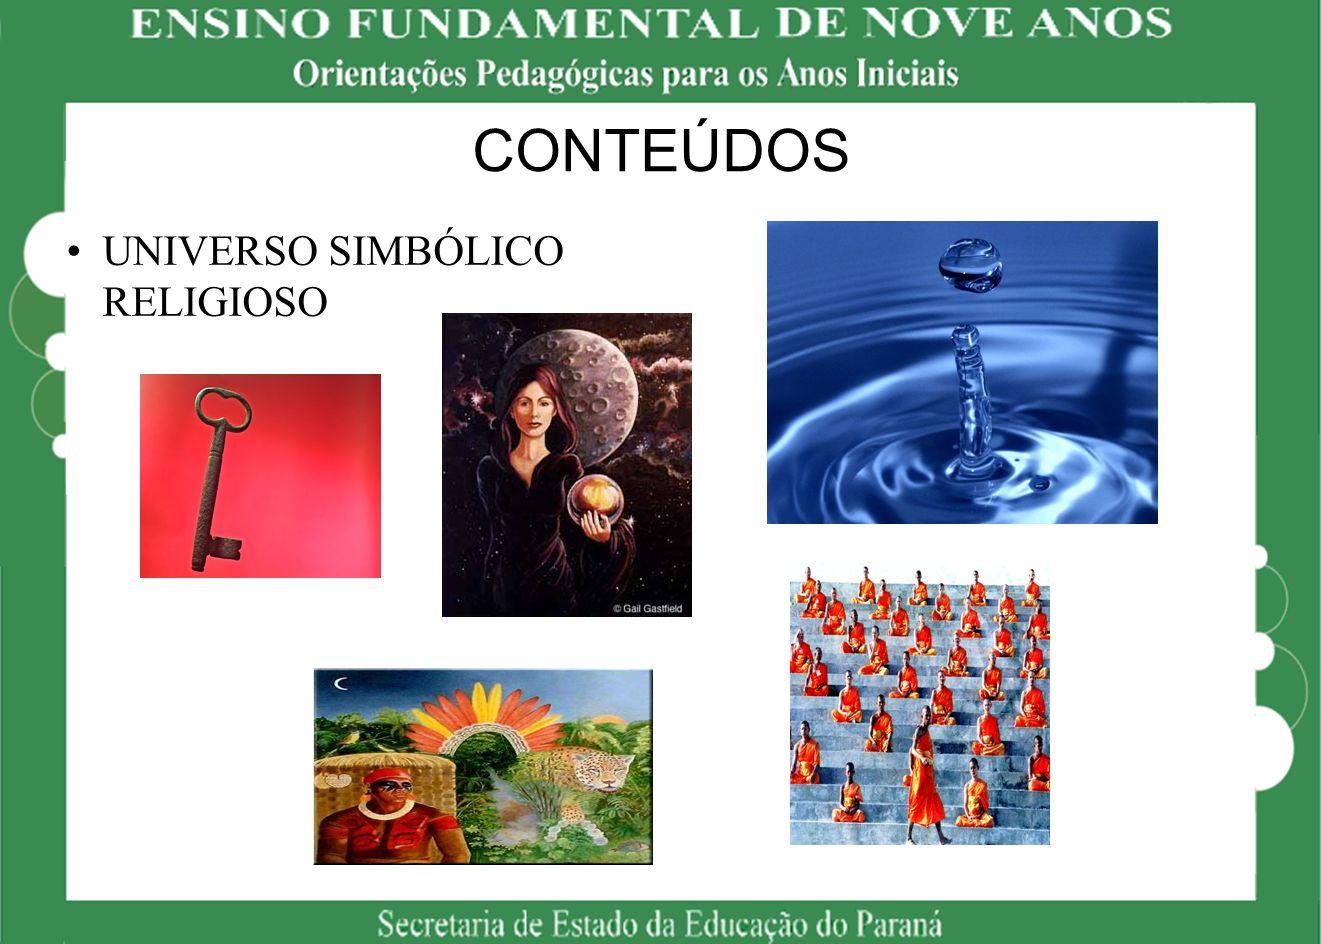 CONTEÚDOS UNIVERSO SIMBÓLICO RELIGIOSO